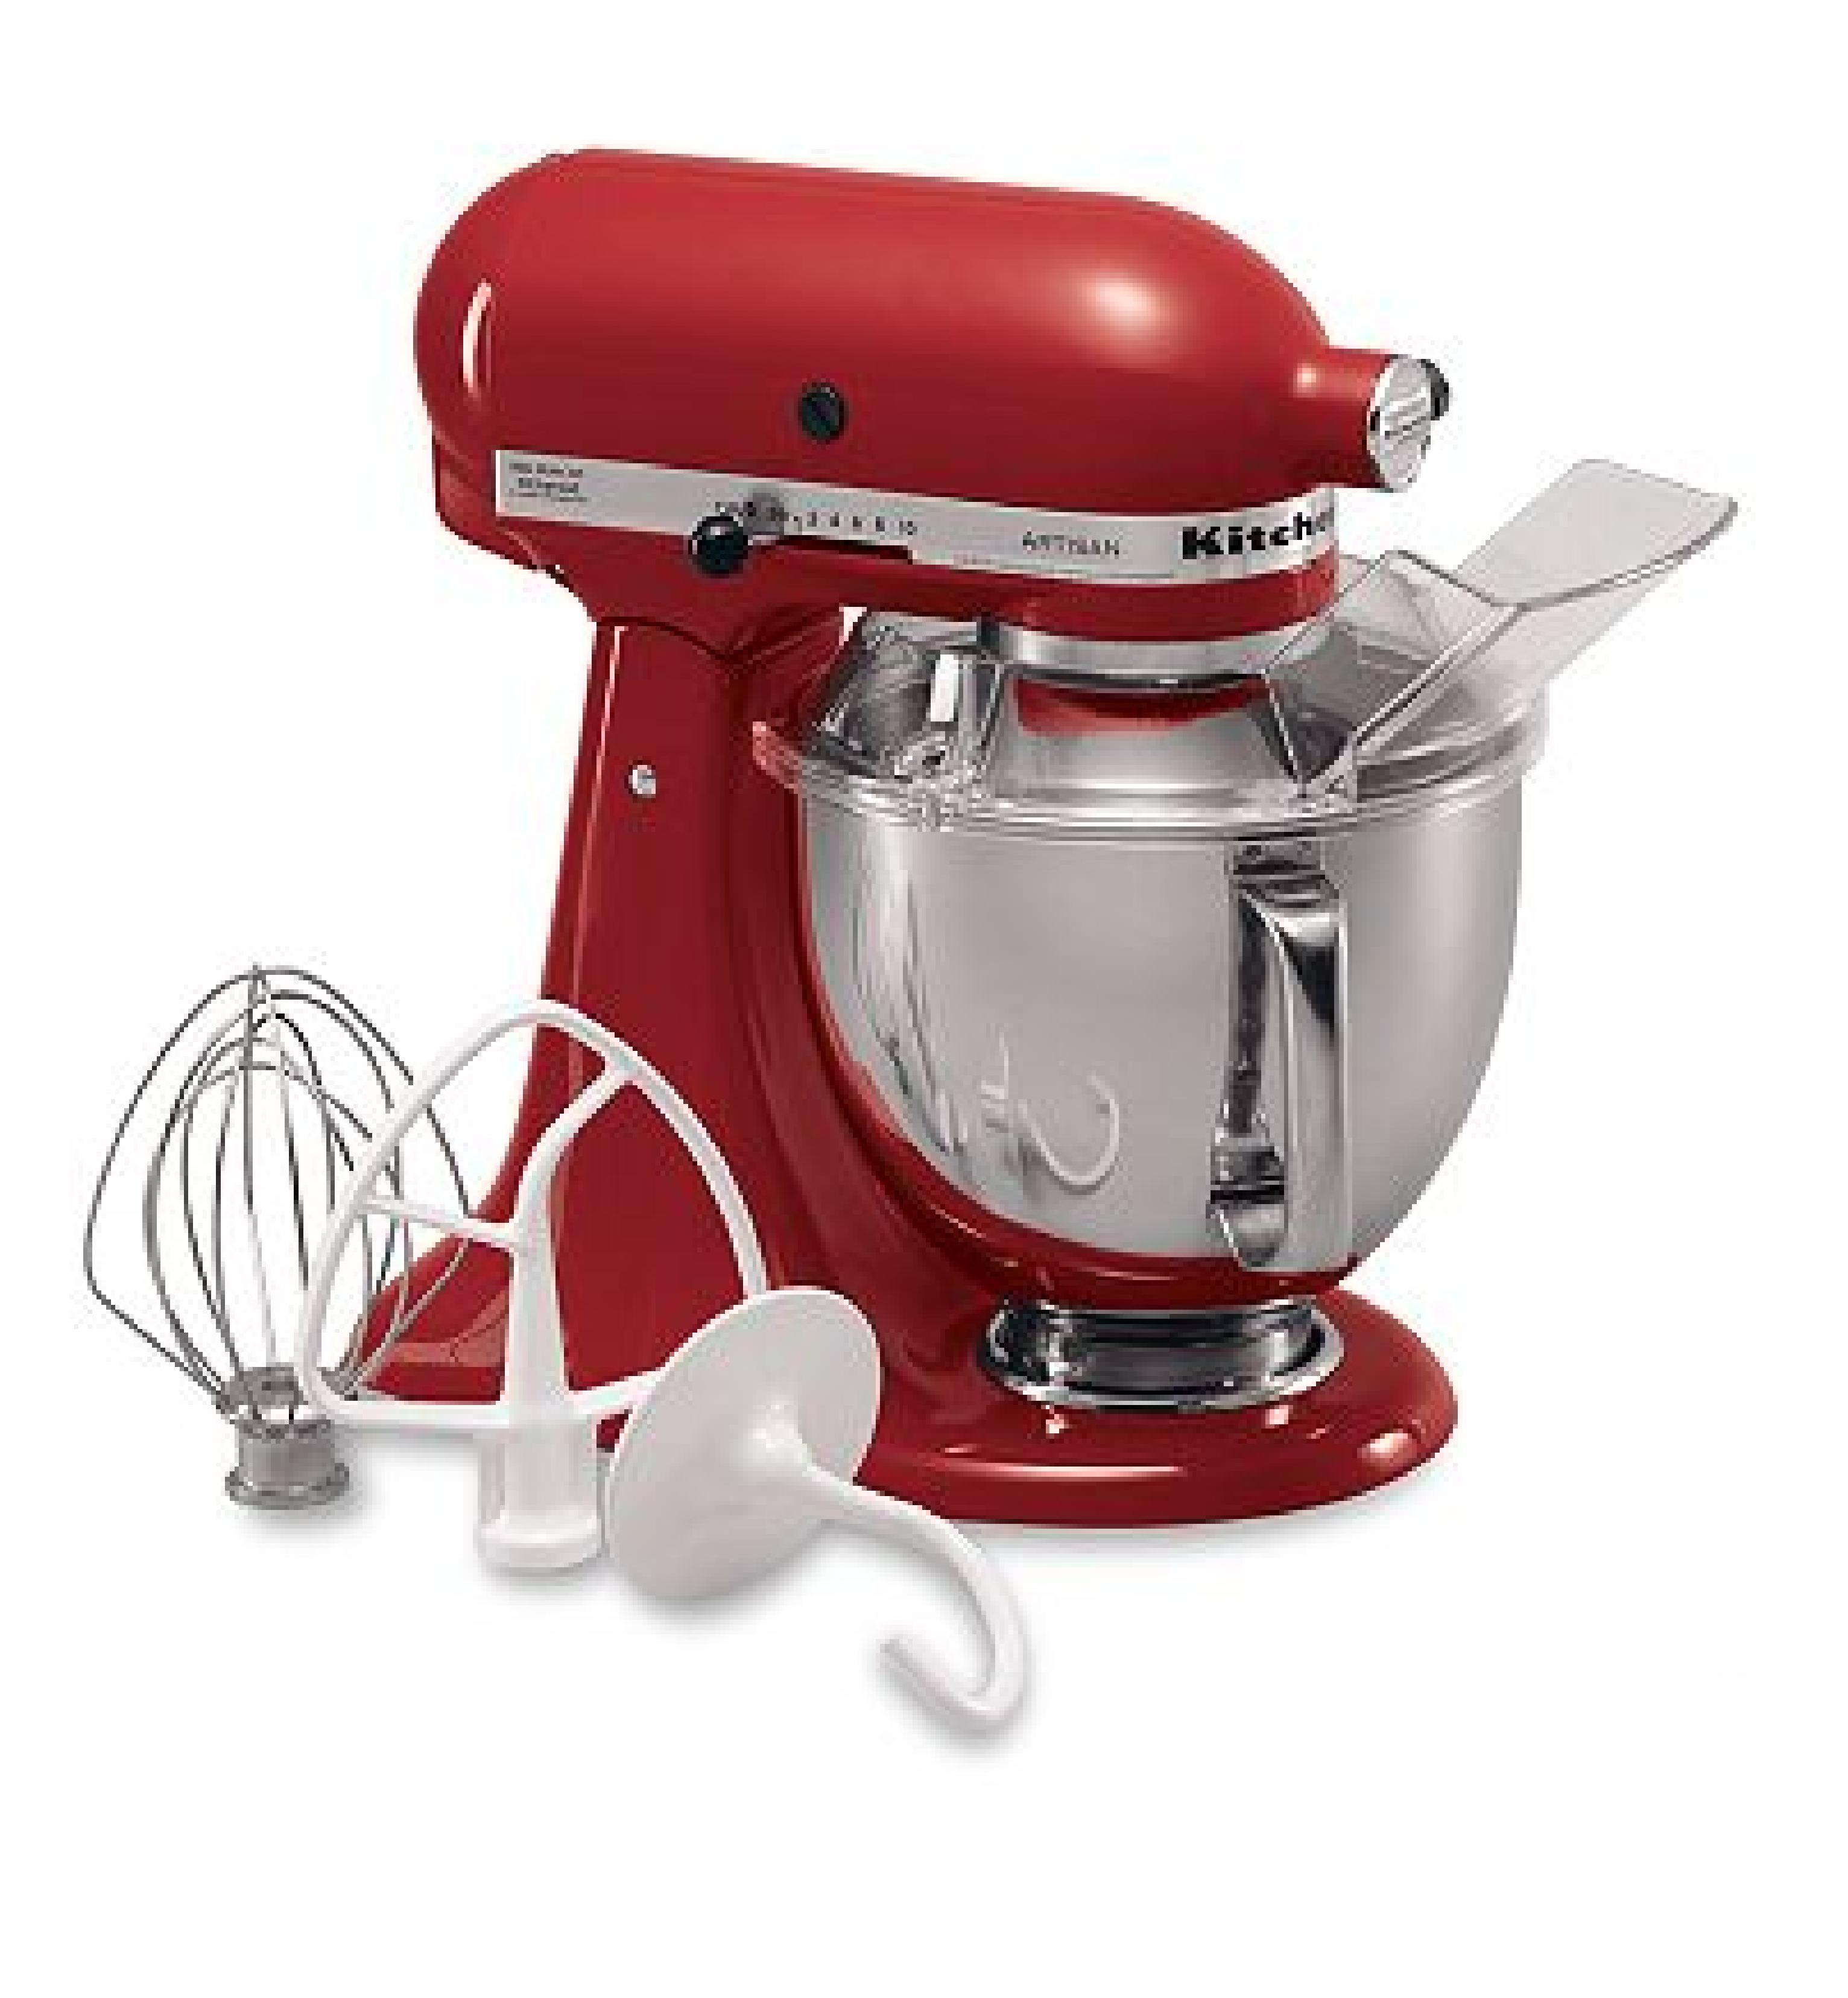 Kitchenmaid mixer Photo - 6